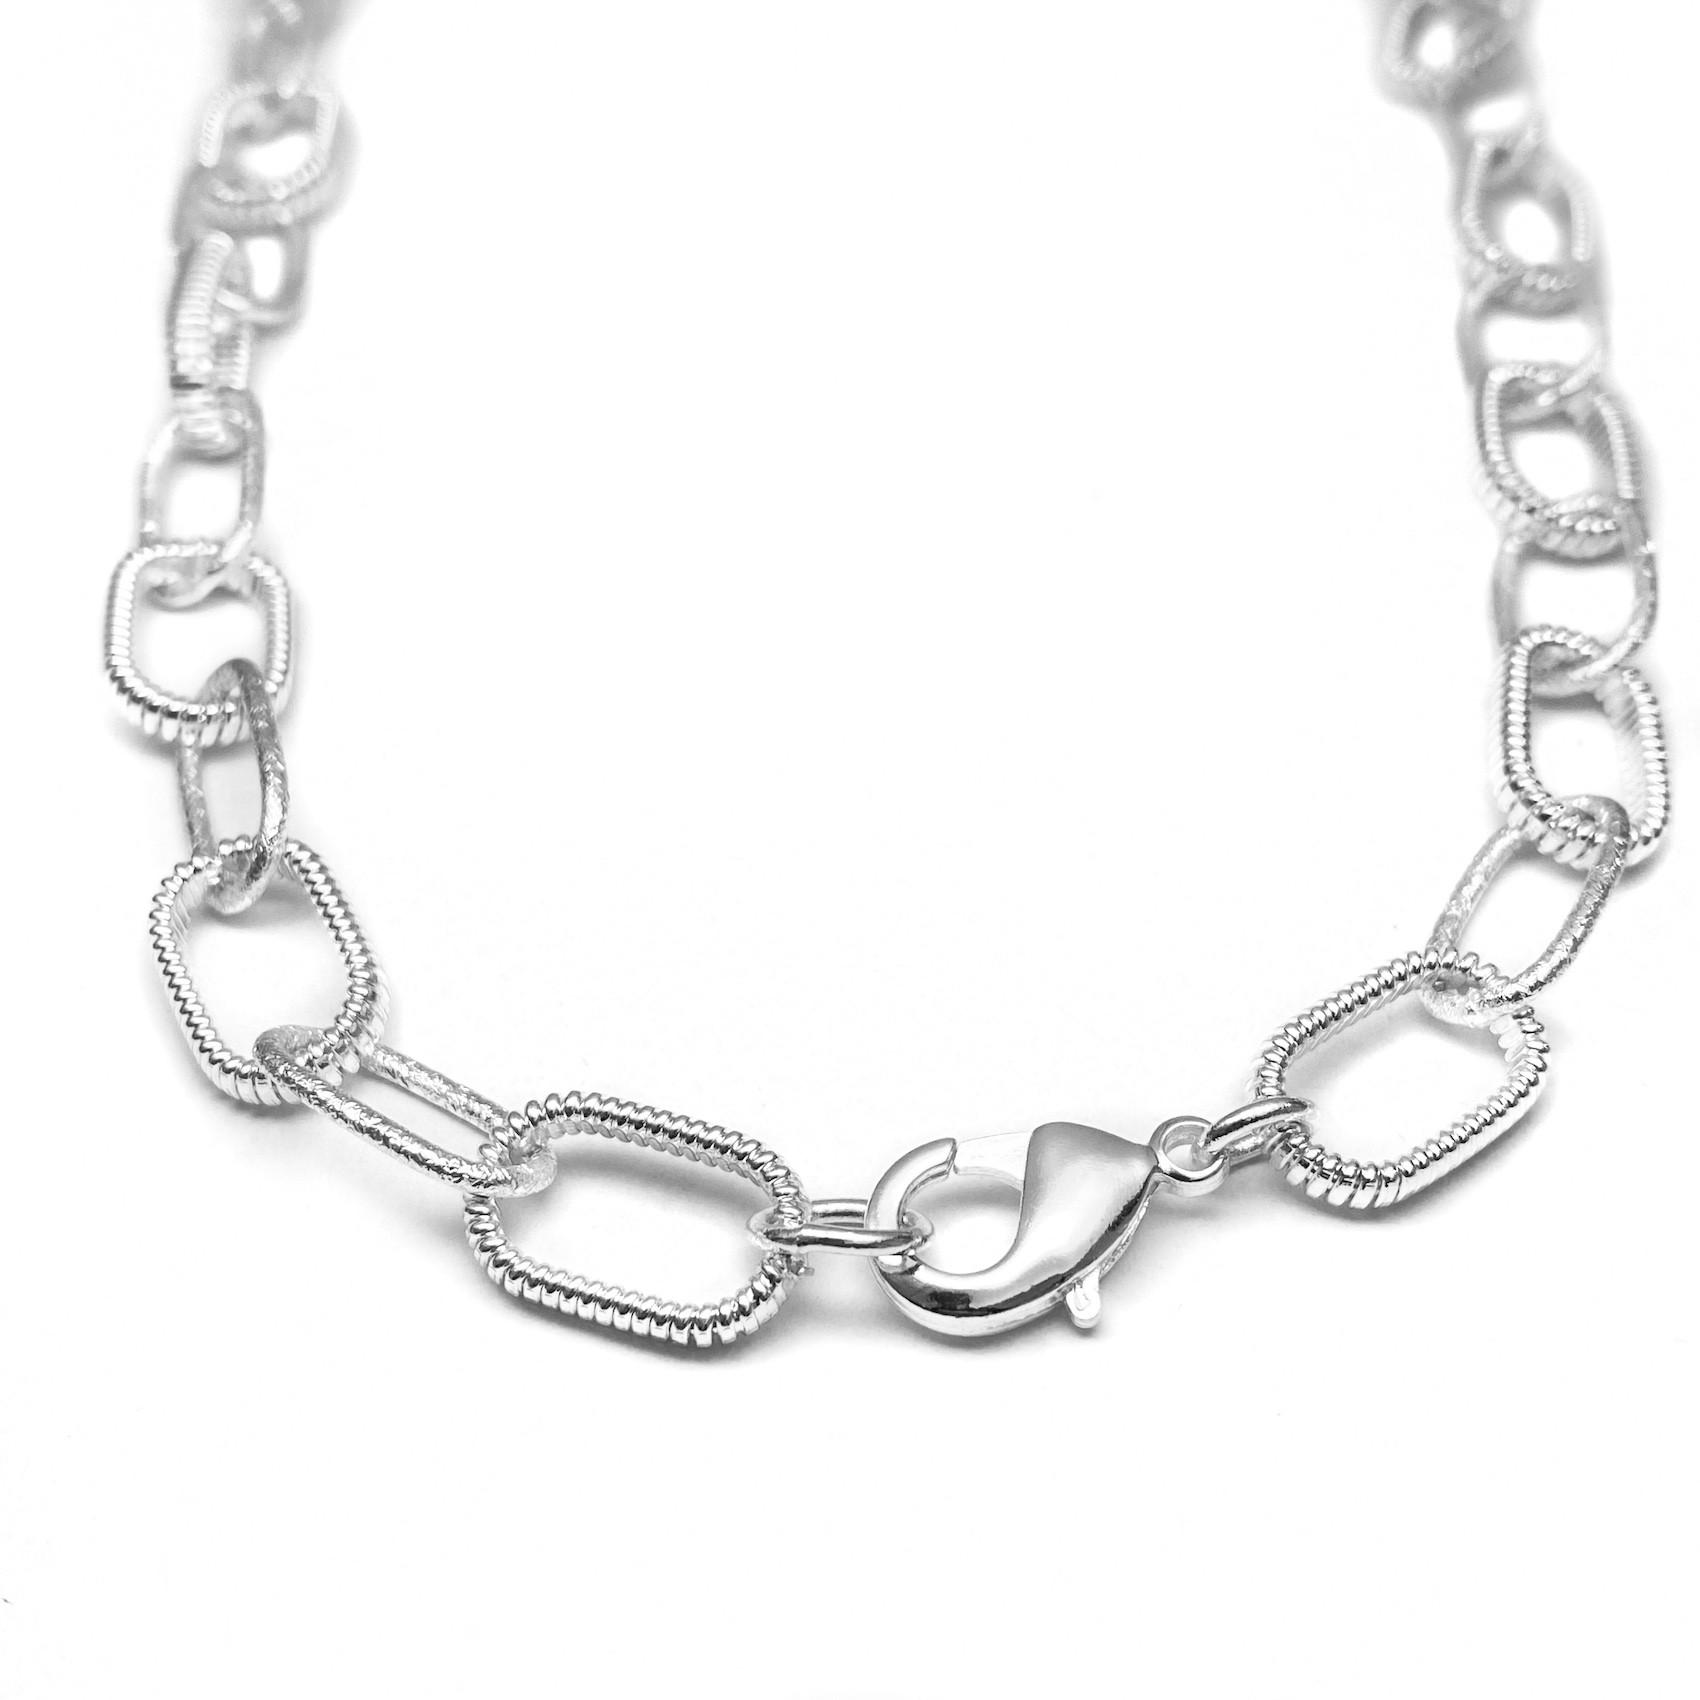 Corrente Chain Elos Texturizados 40cm 30g (Banho Prata 925)